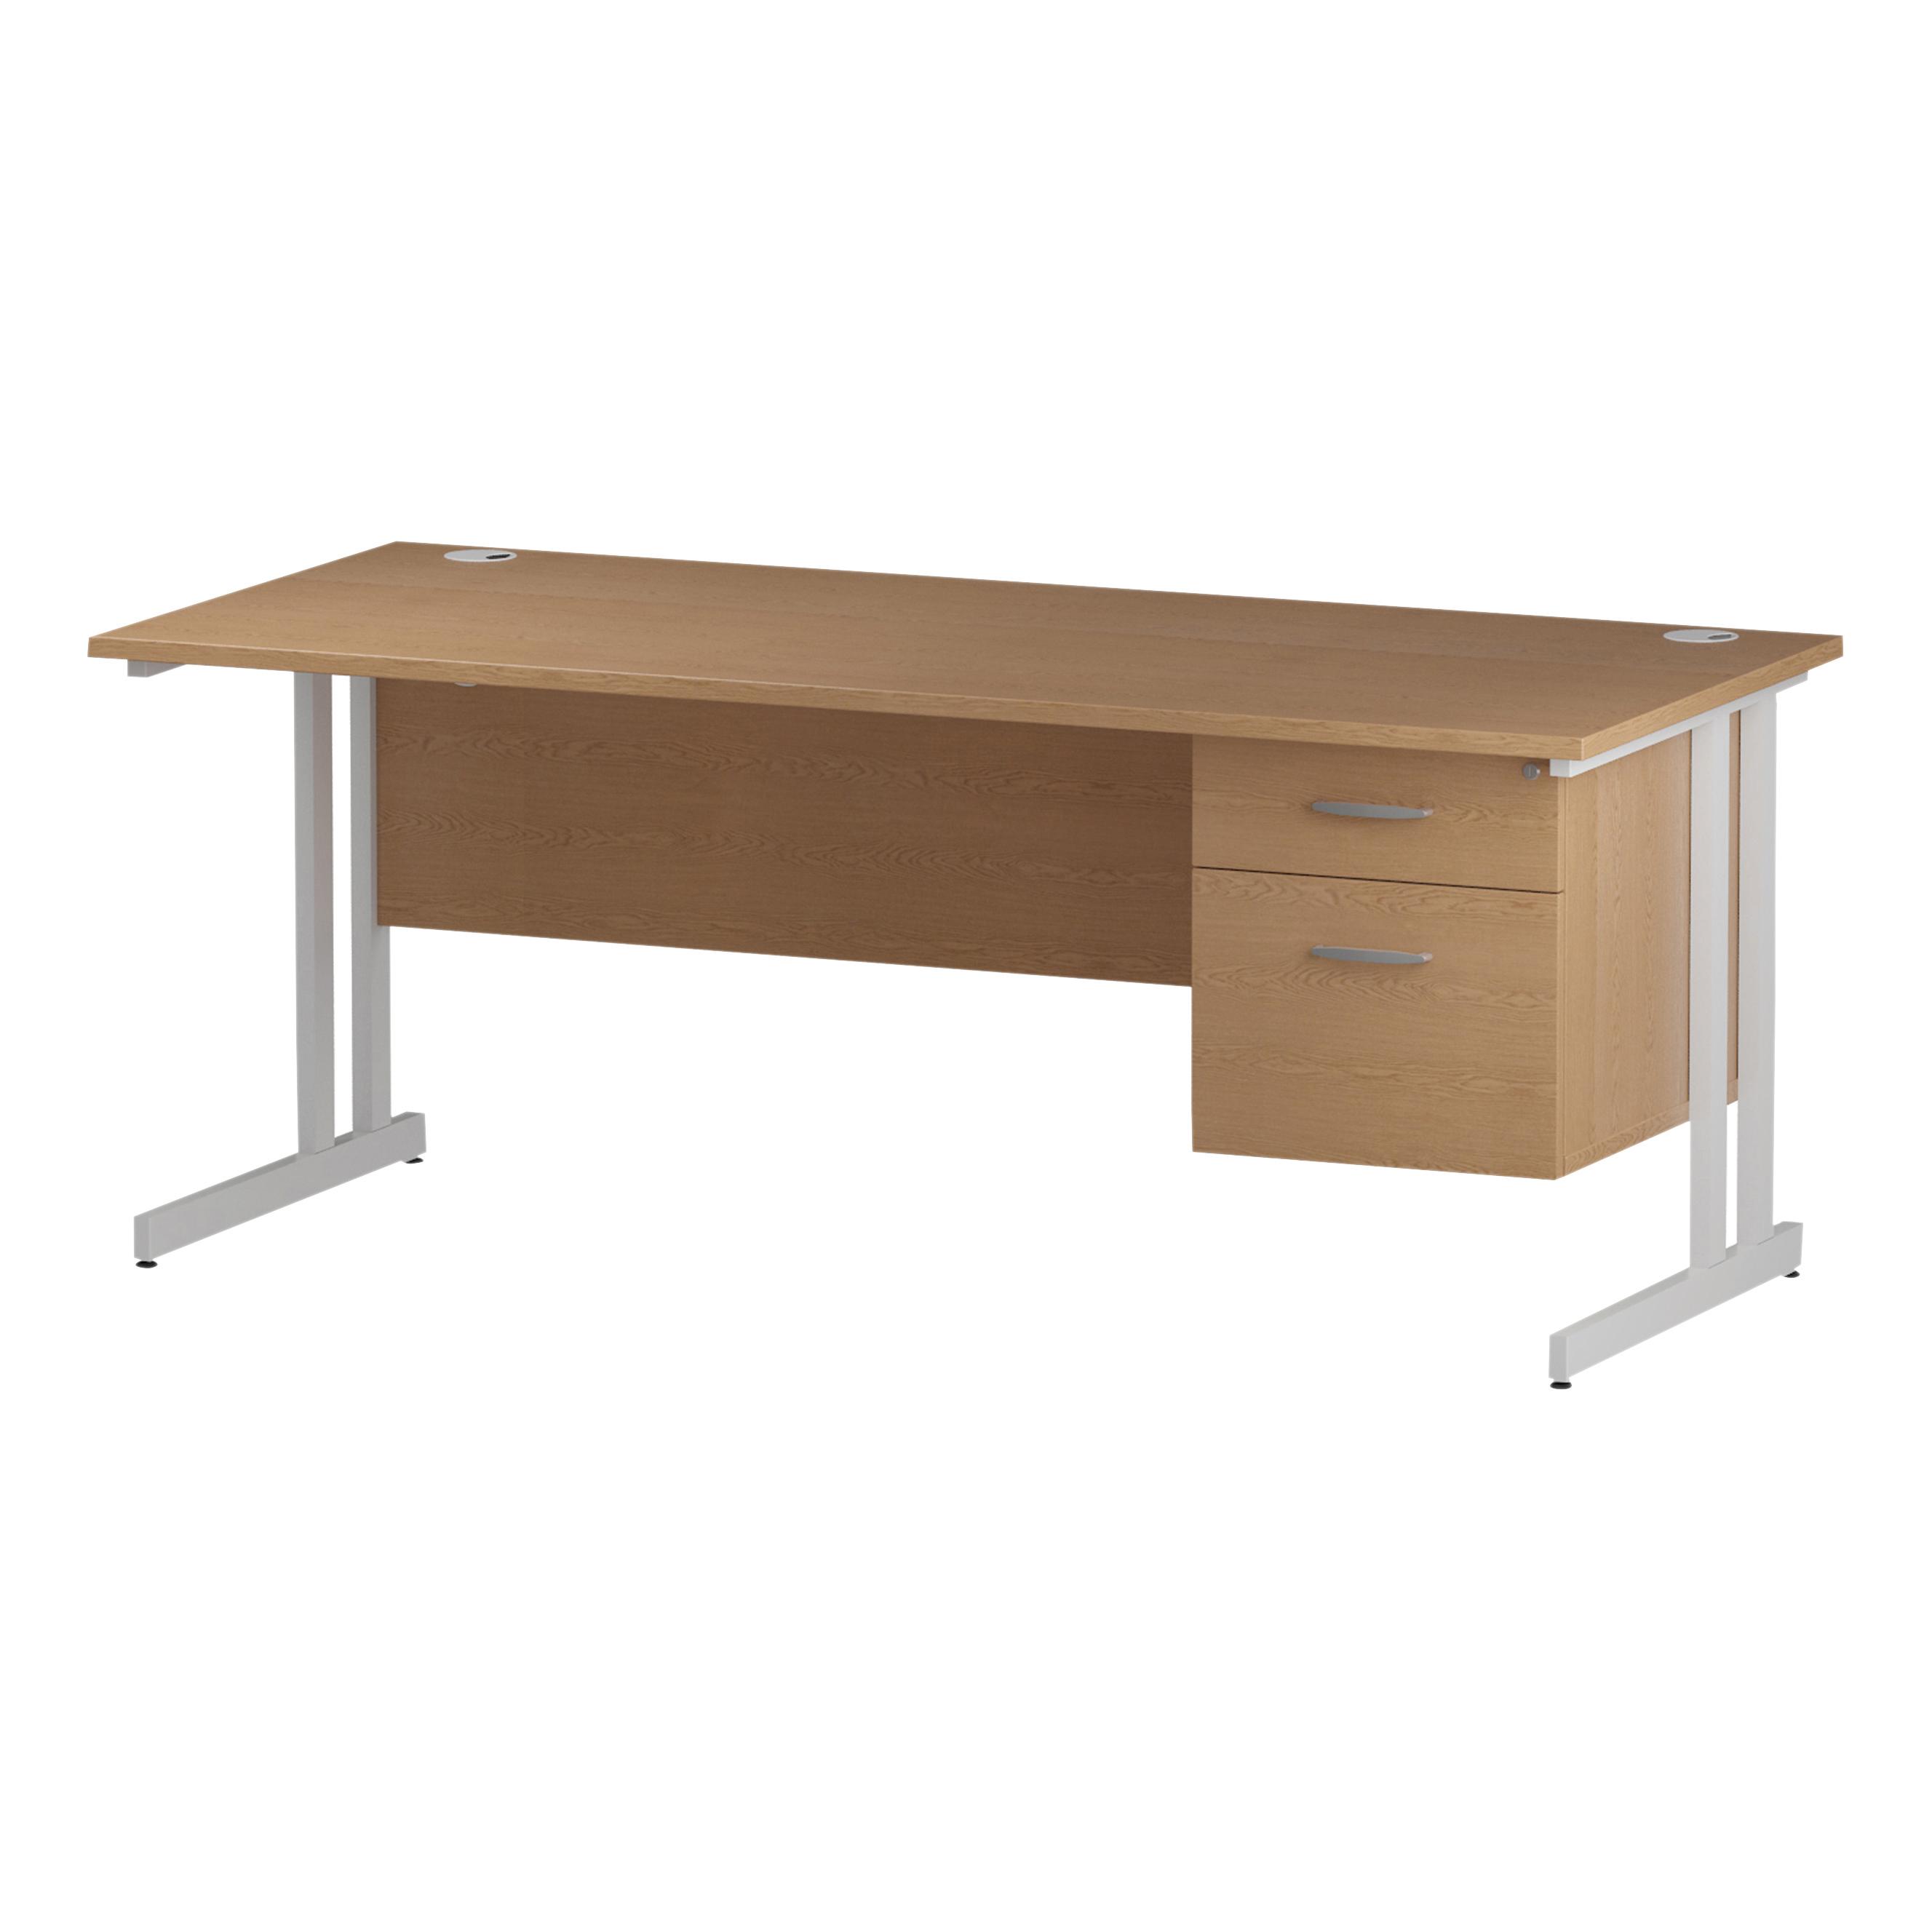 Trexus Rectangular Desk White Cantilever Leg 1800x800mm Fixed Pedestal 2 Drawers Oak Ref I002664